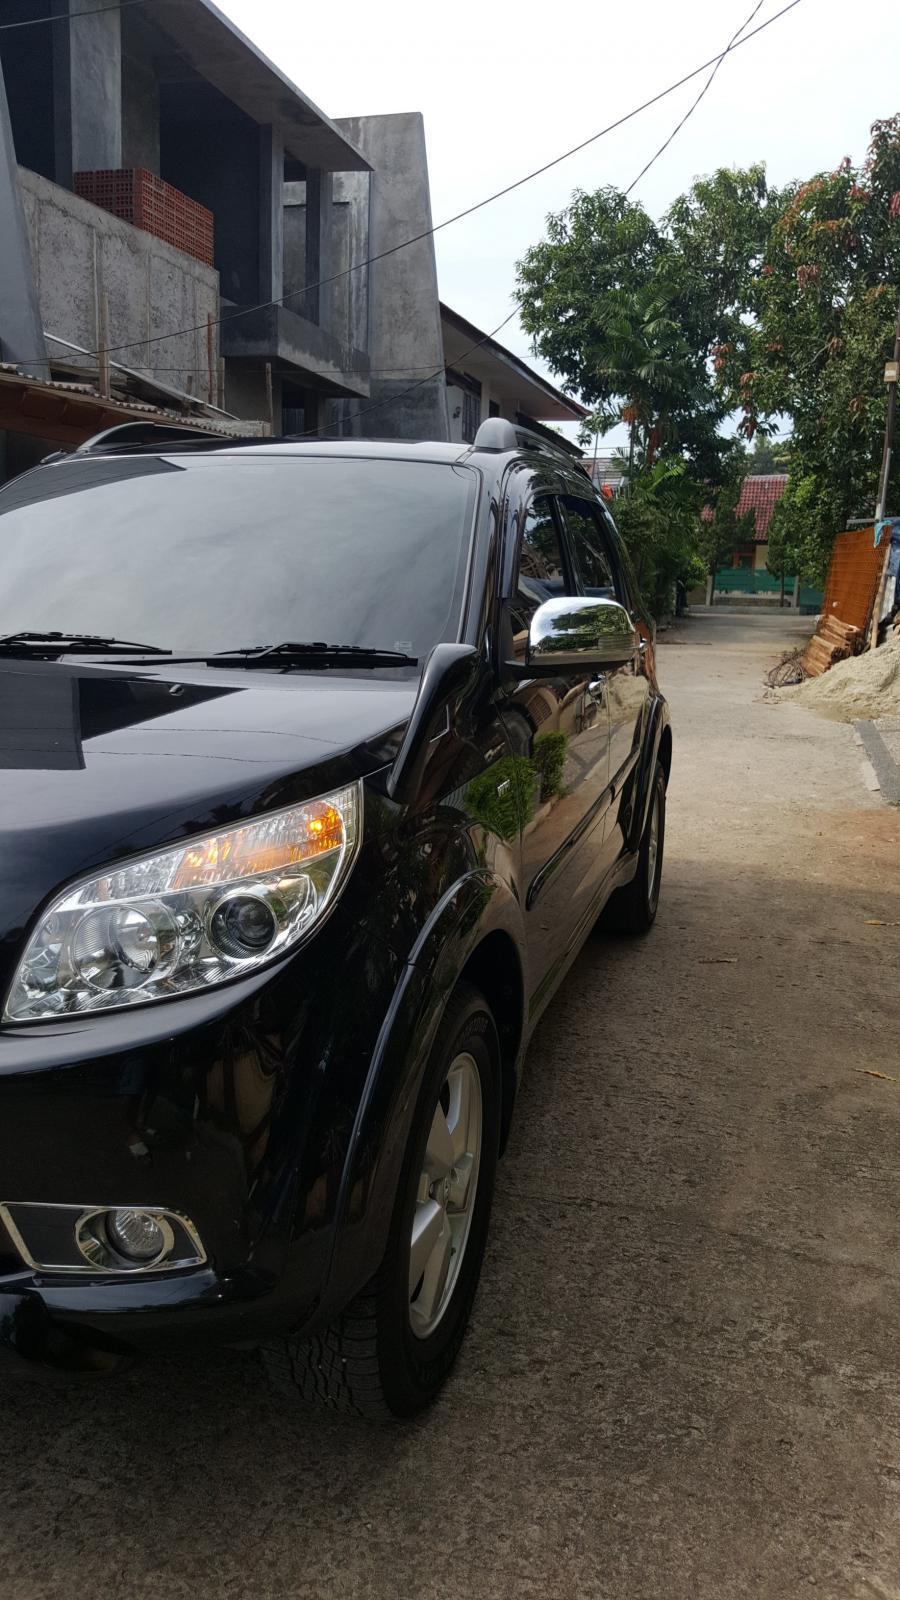 Toyota Rush 1.5 AT, Type S (Tertinggi), Automatic, Hitam ...